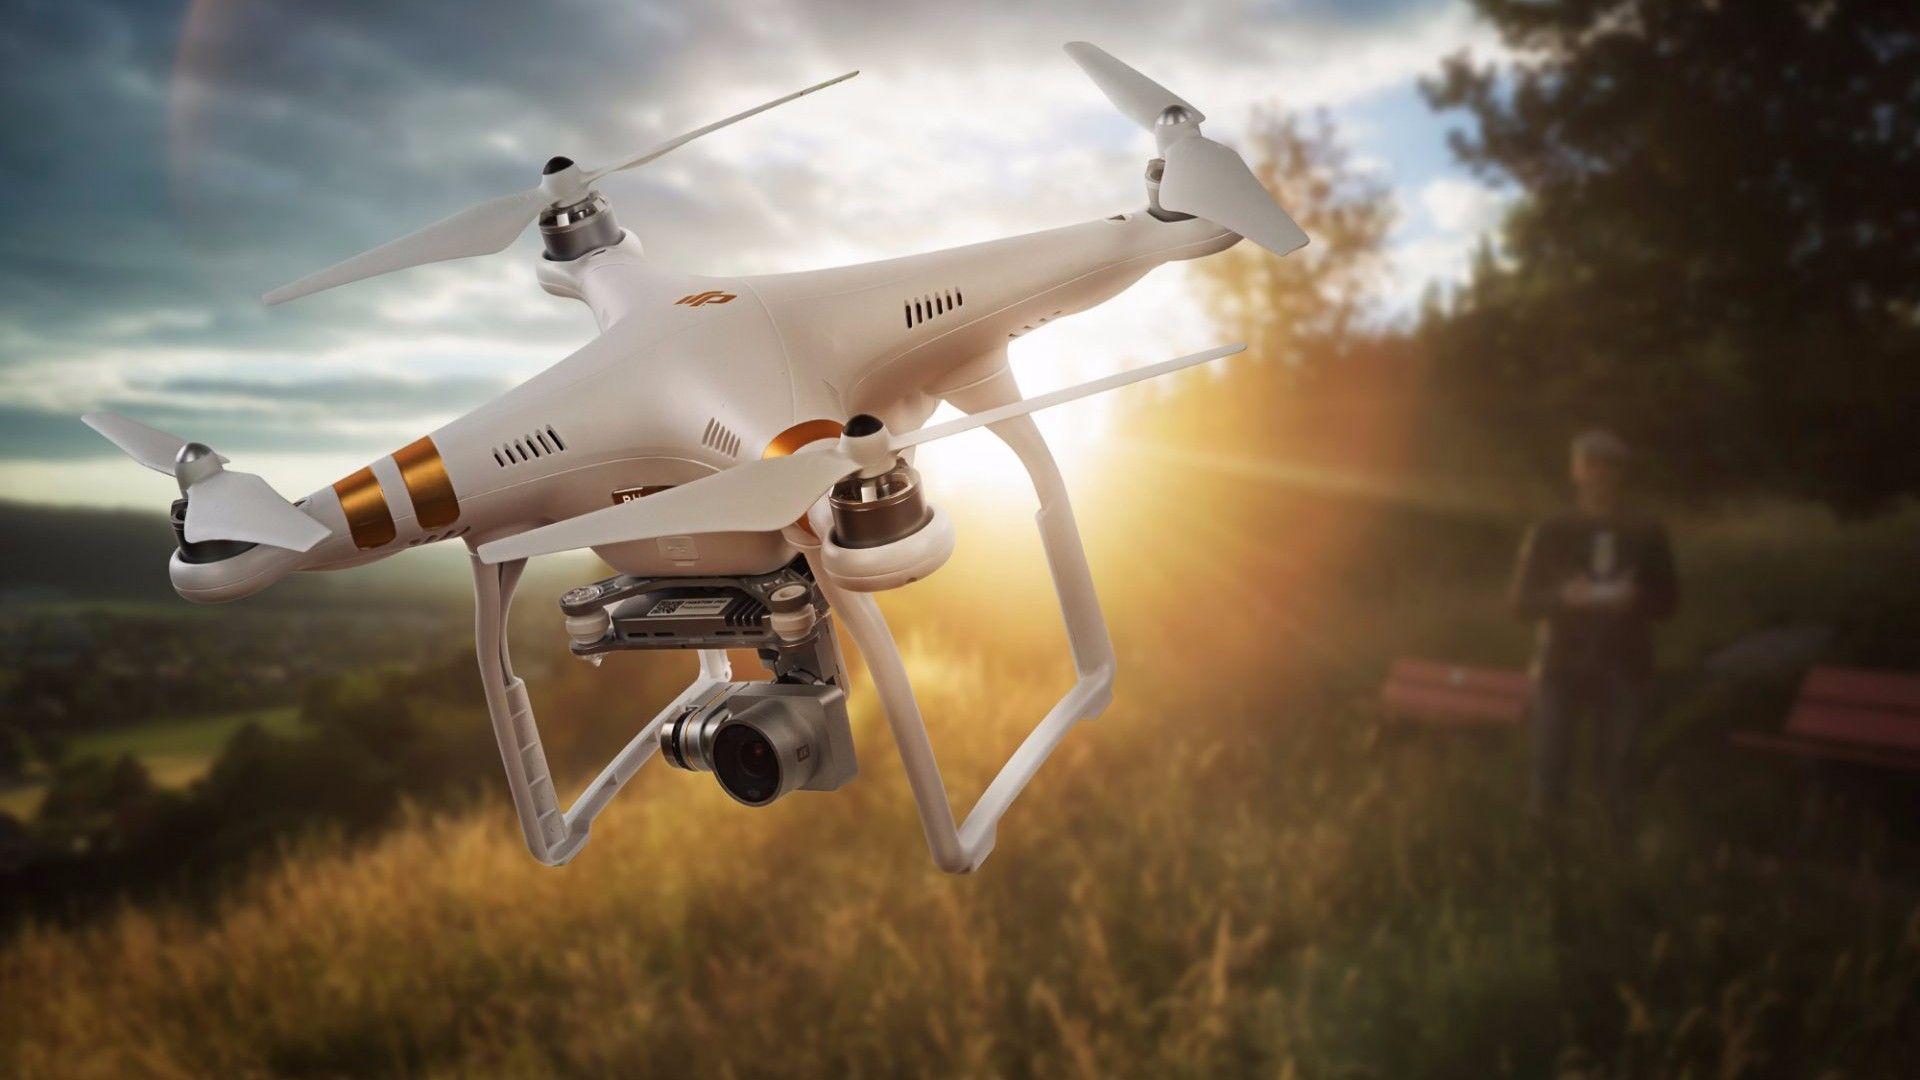 Drone PC Wallpaper